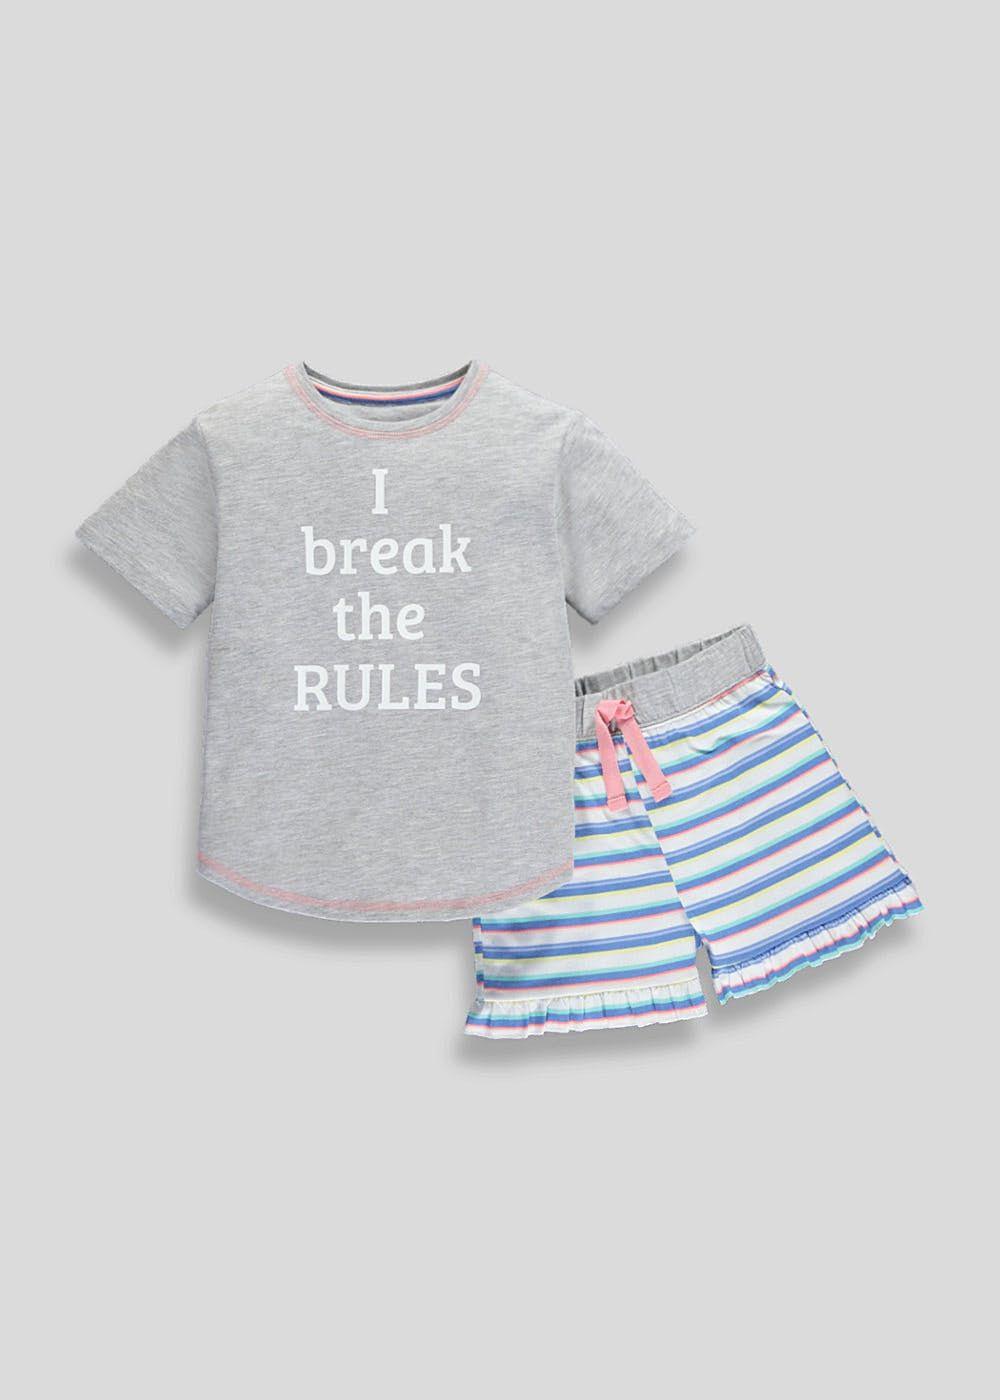 Boys Girls Pyjamas Set Pjs Nightwear Sleepwear Character